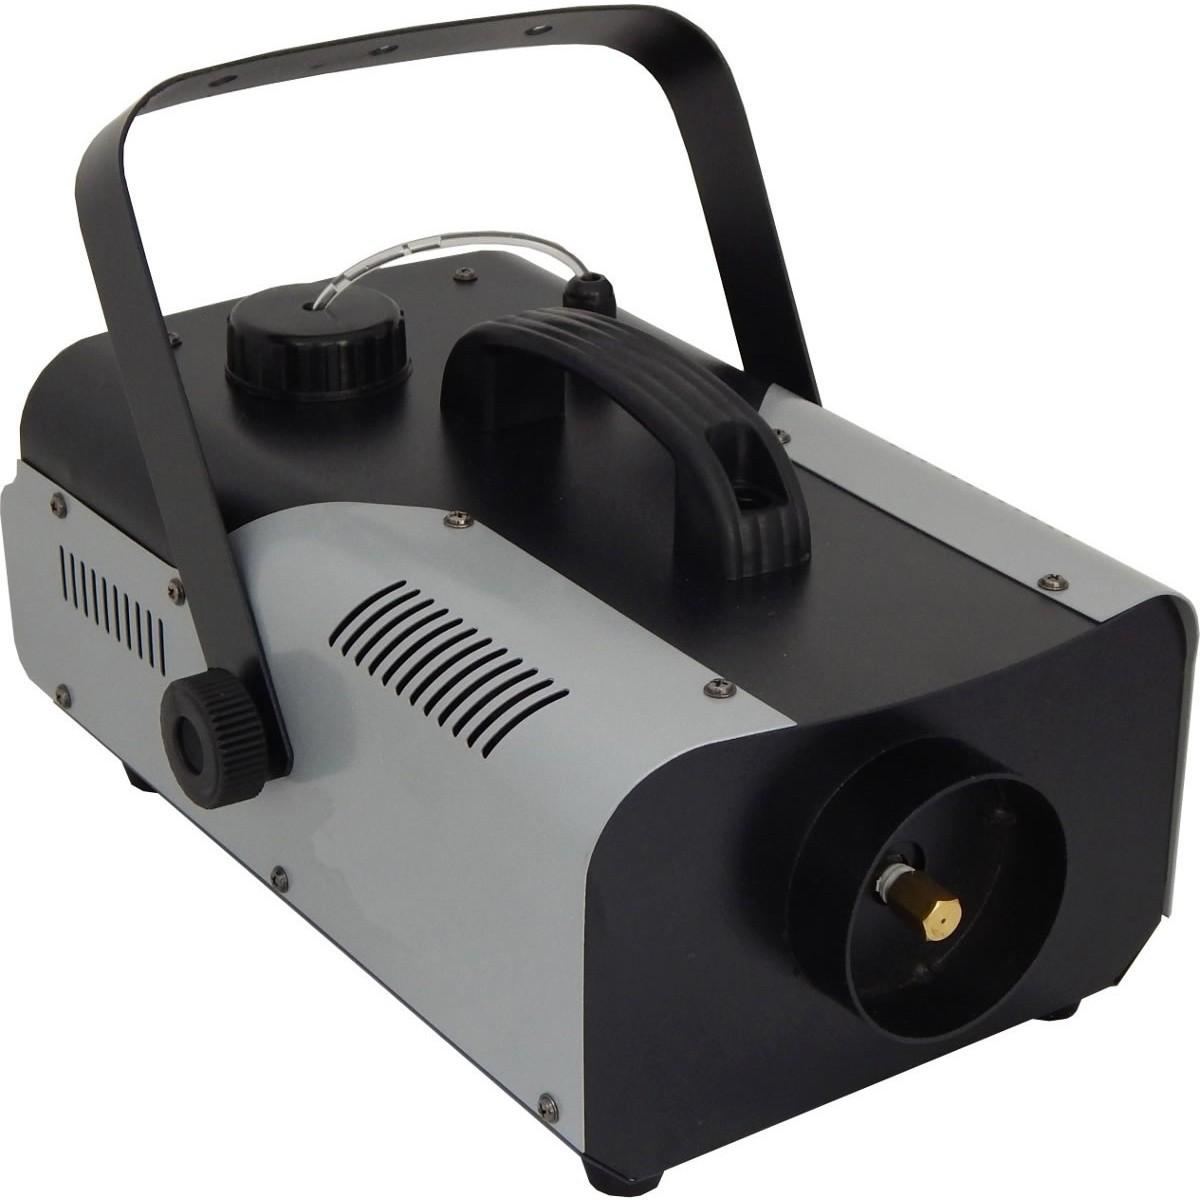 Fog Machine LIJ-L03 Máquina de Fumaça, 900W, 110v